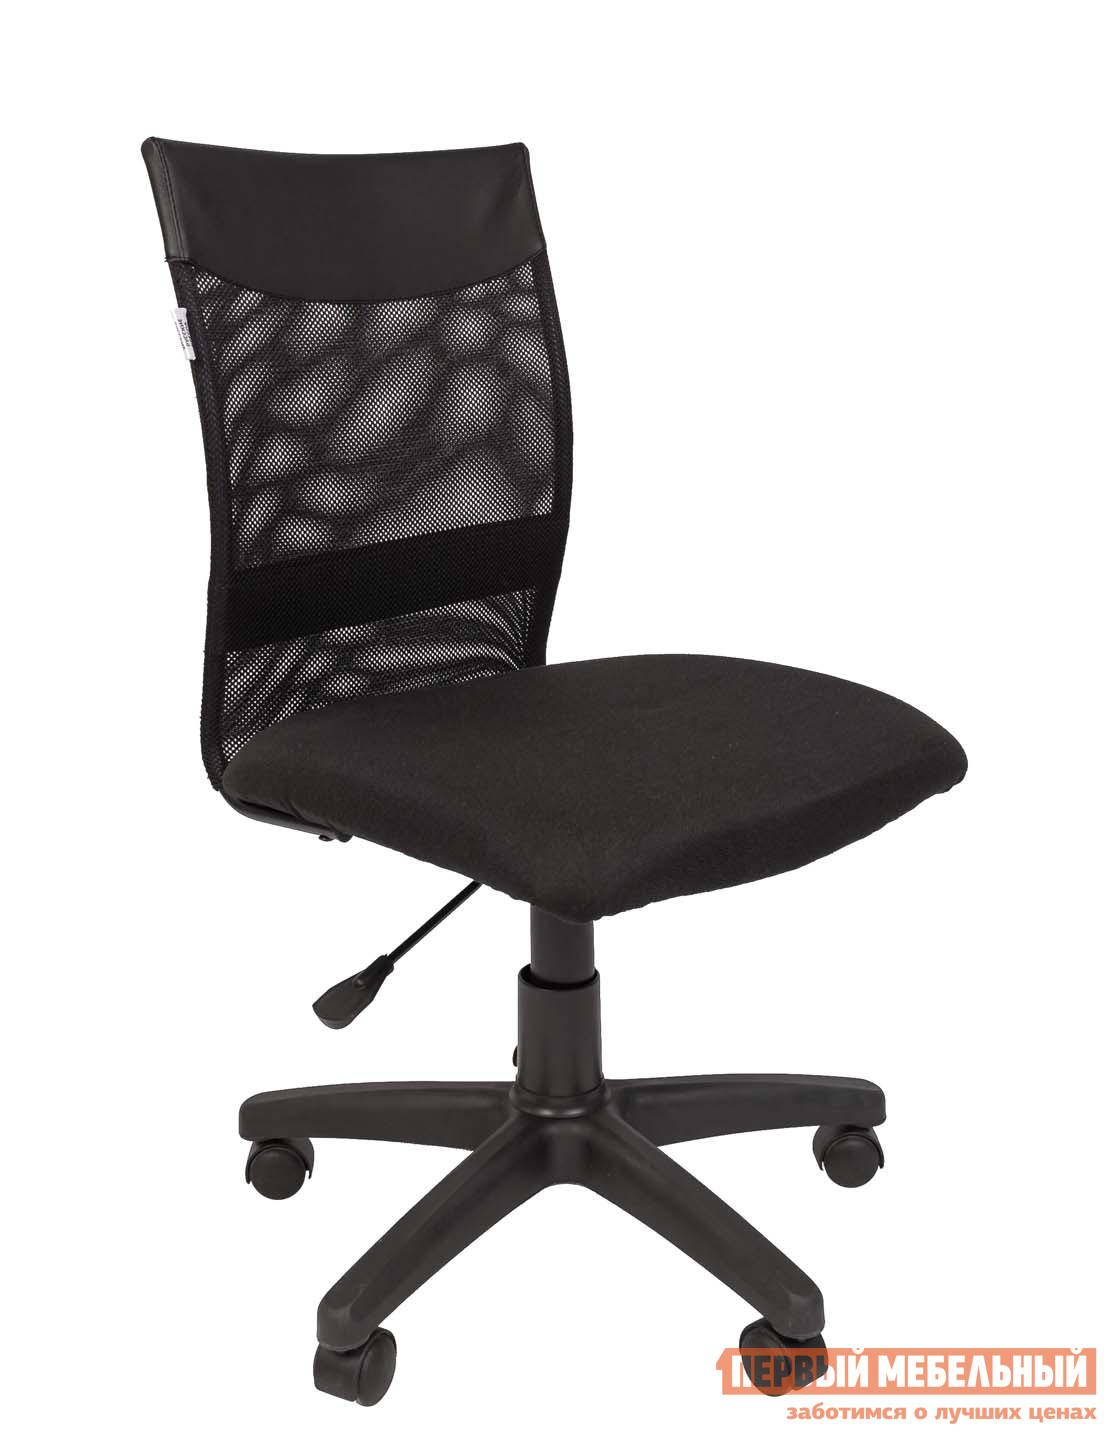 Офисное кресло Русские кресла РК 69 кресло руководителя русские кресла рк 168 рк 168 sy